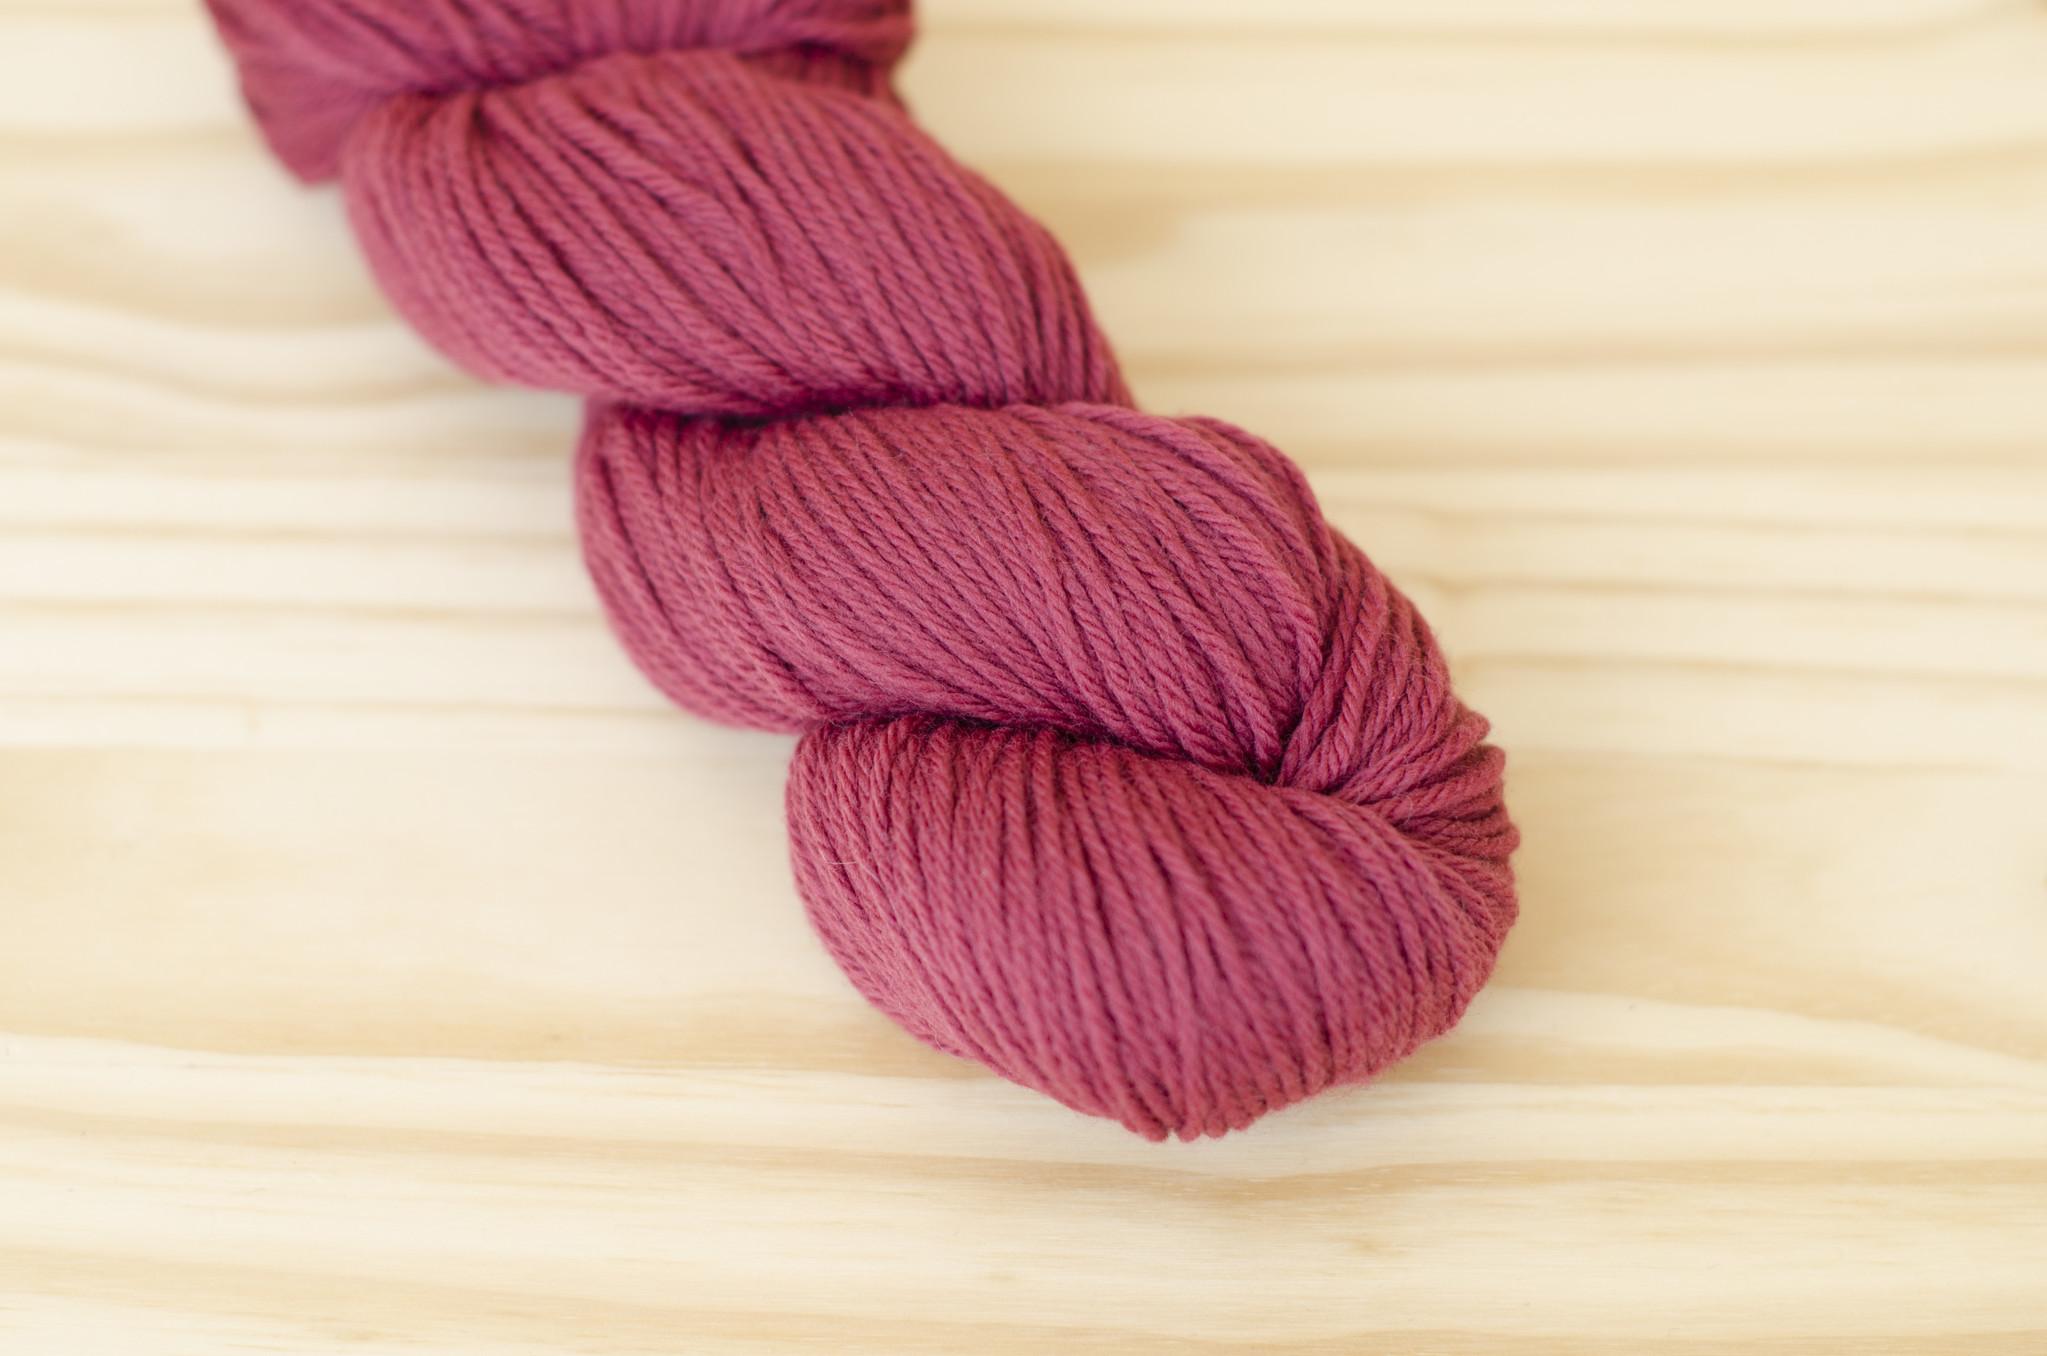 Cascade 220 Solids : 2412 Rose